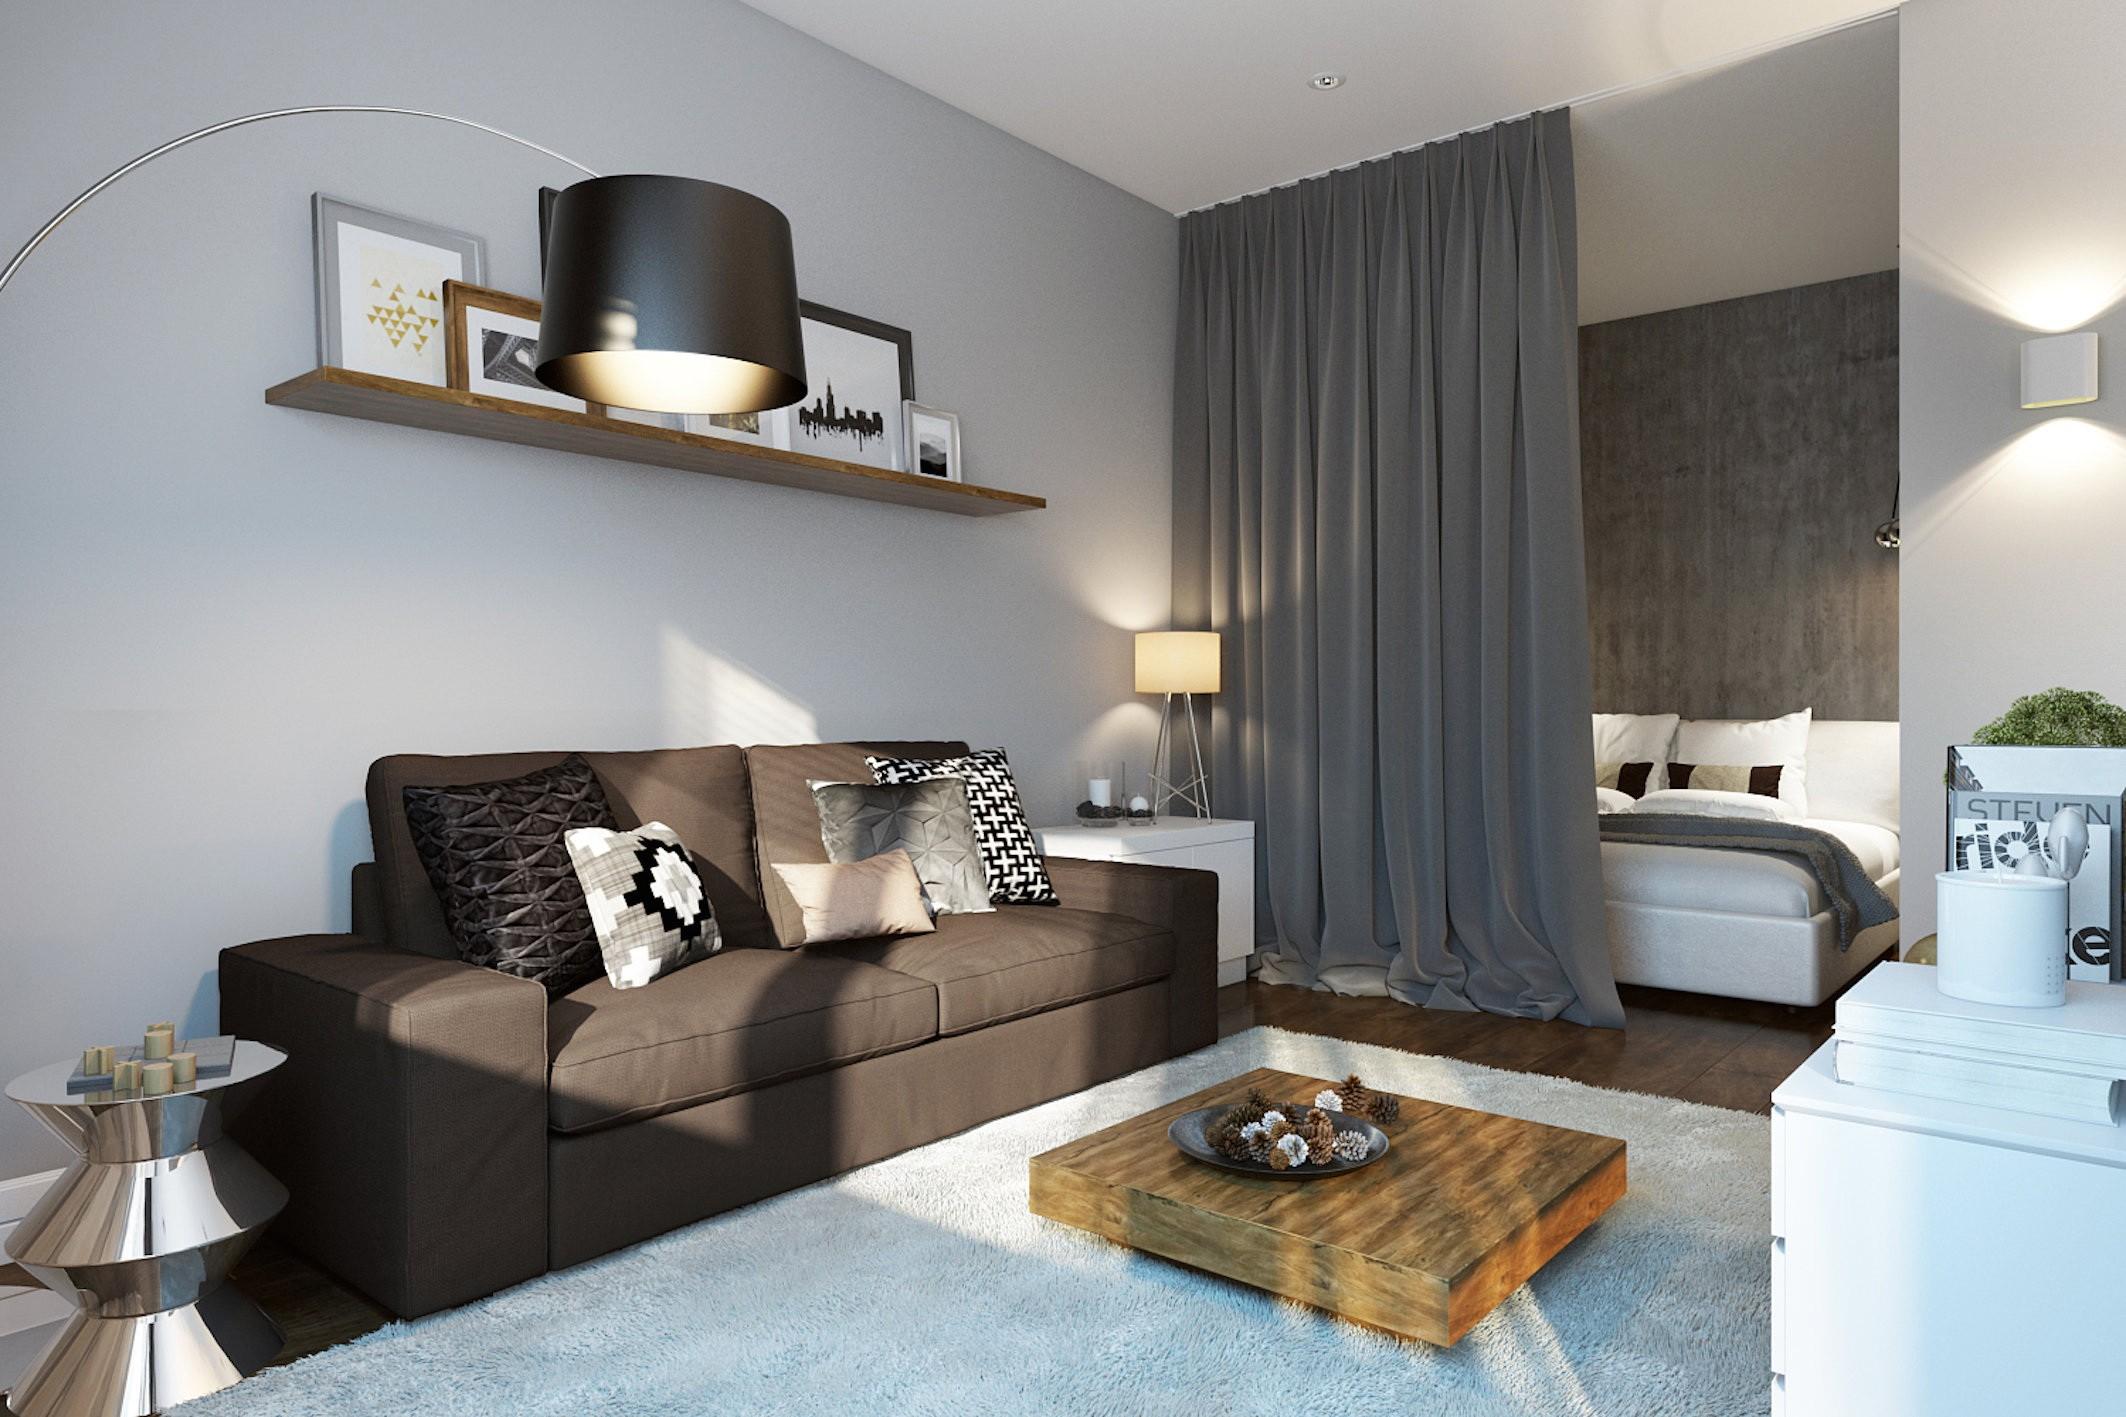 спальня гостиная 17 кв м идеи интерьер